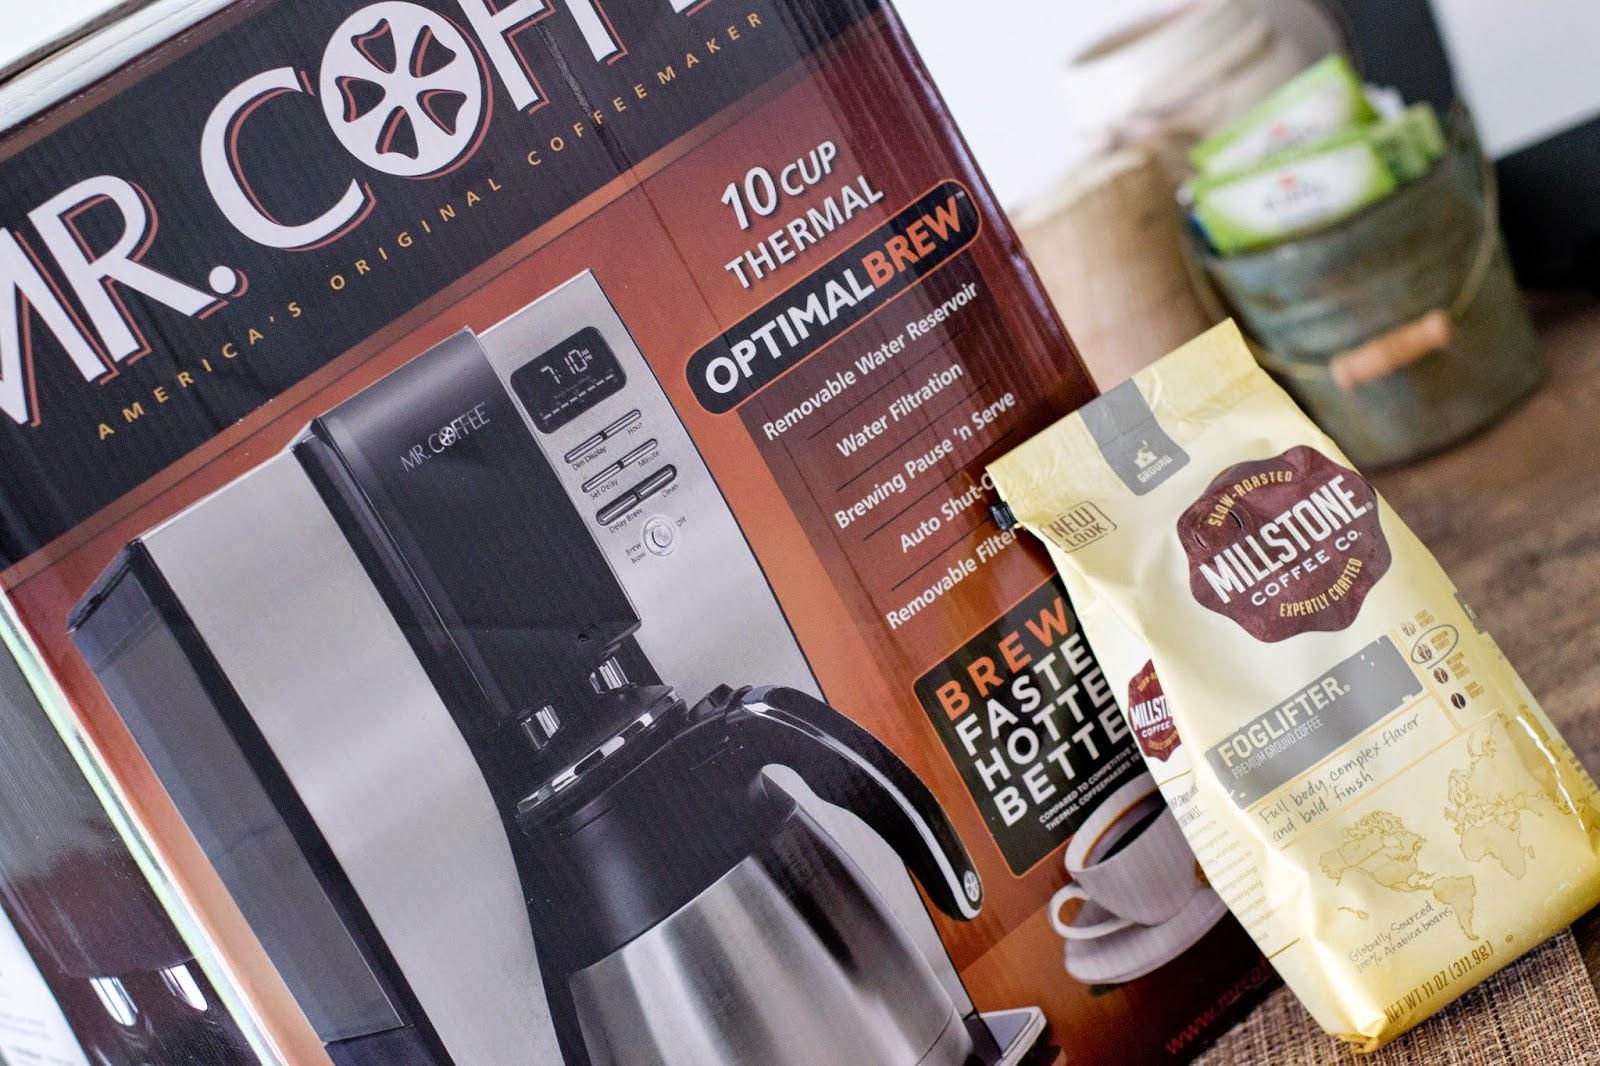 #shop #cbias #mrcoffee #millstone #coffeejourneys